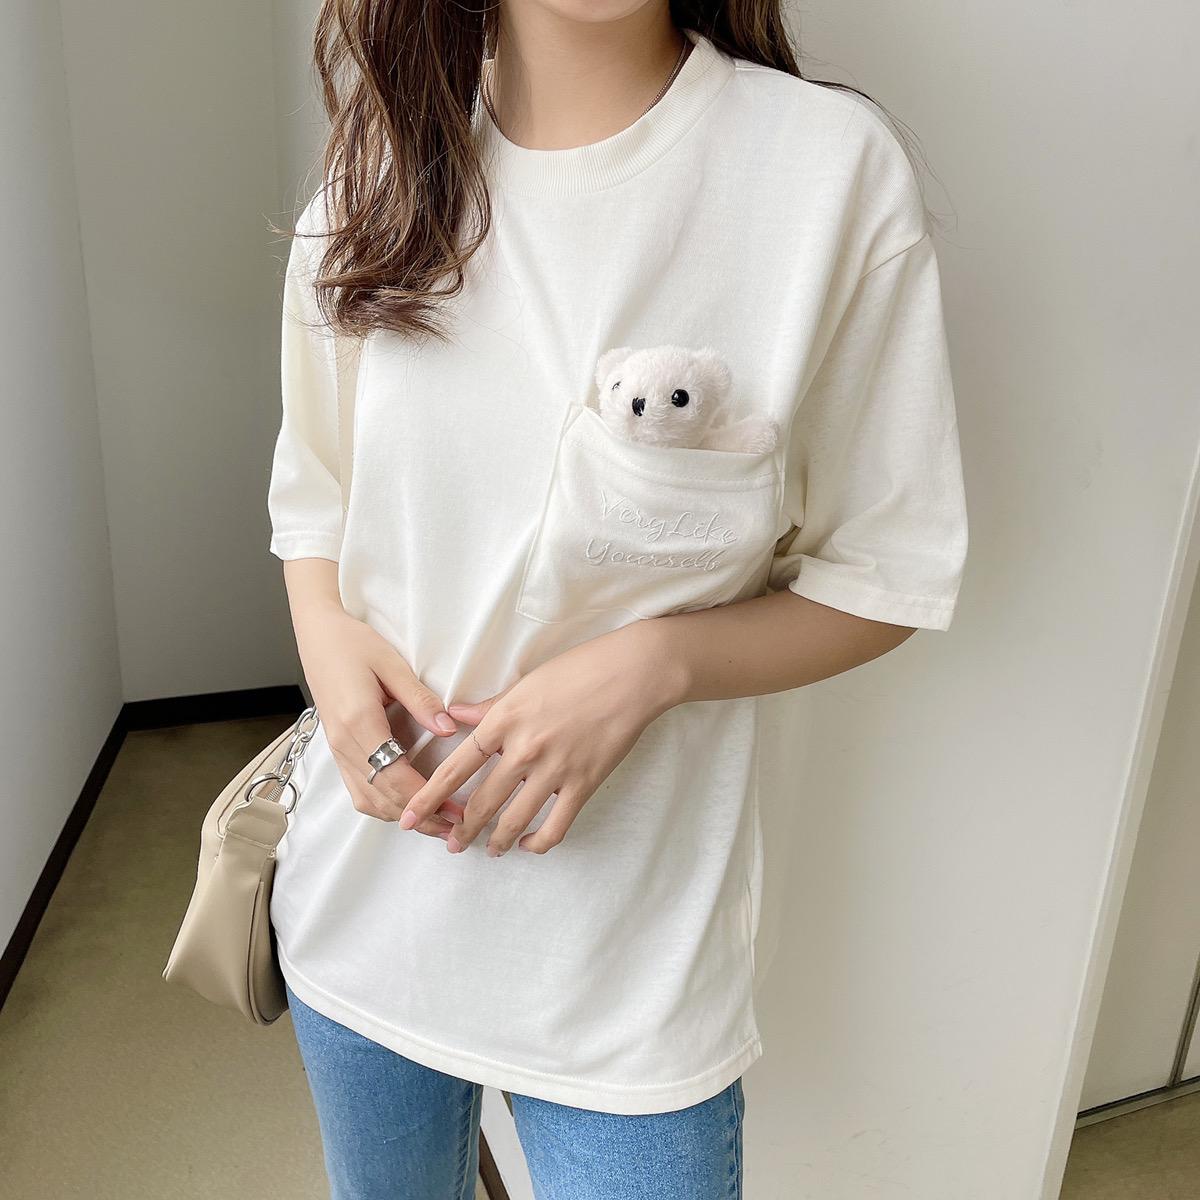 クマ付きTシャツ